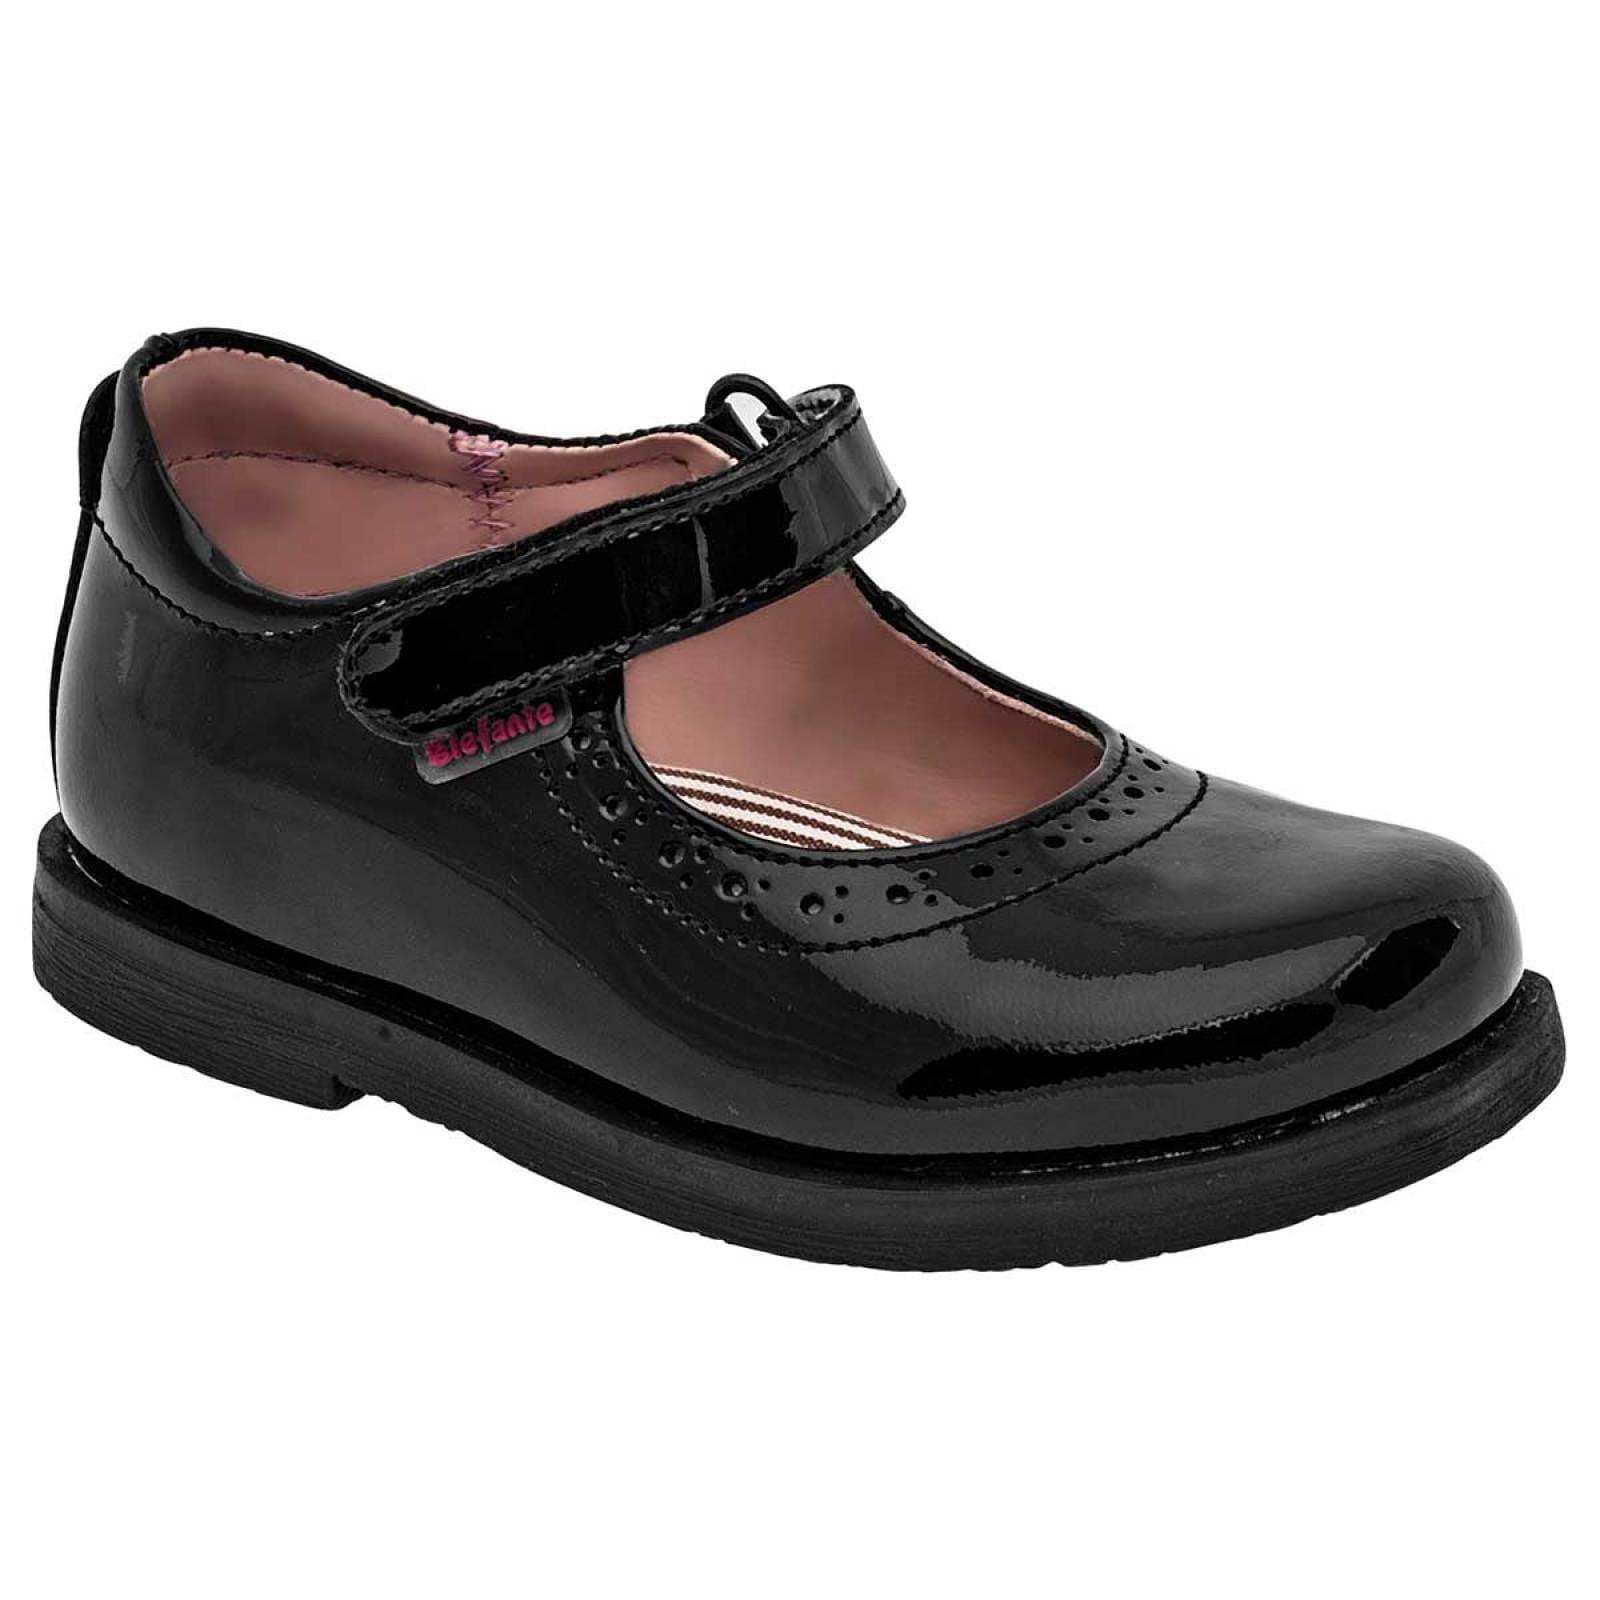 Elefante Zapato Niña Negro charol